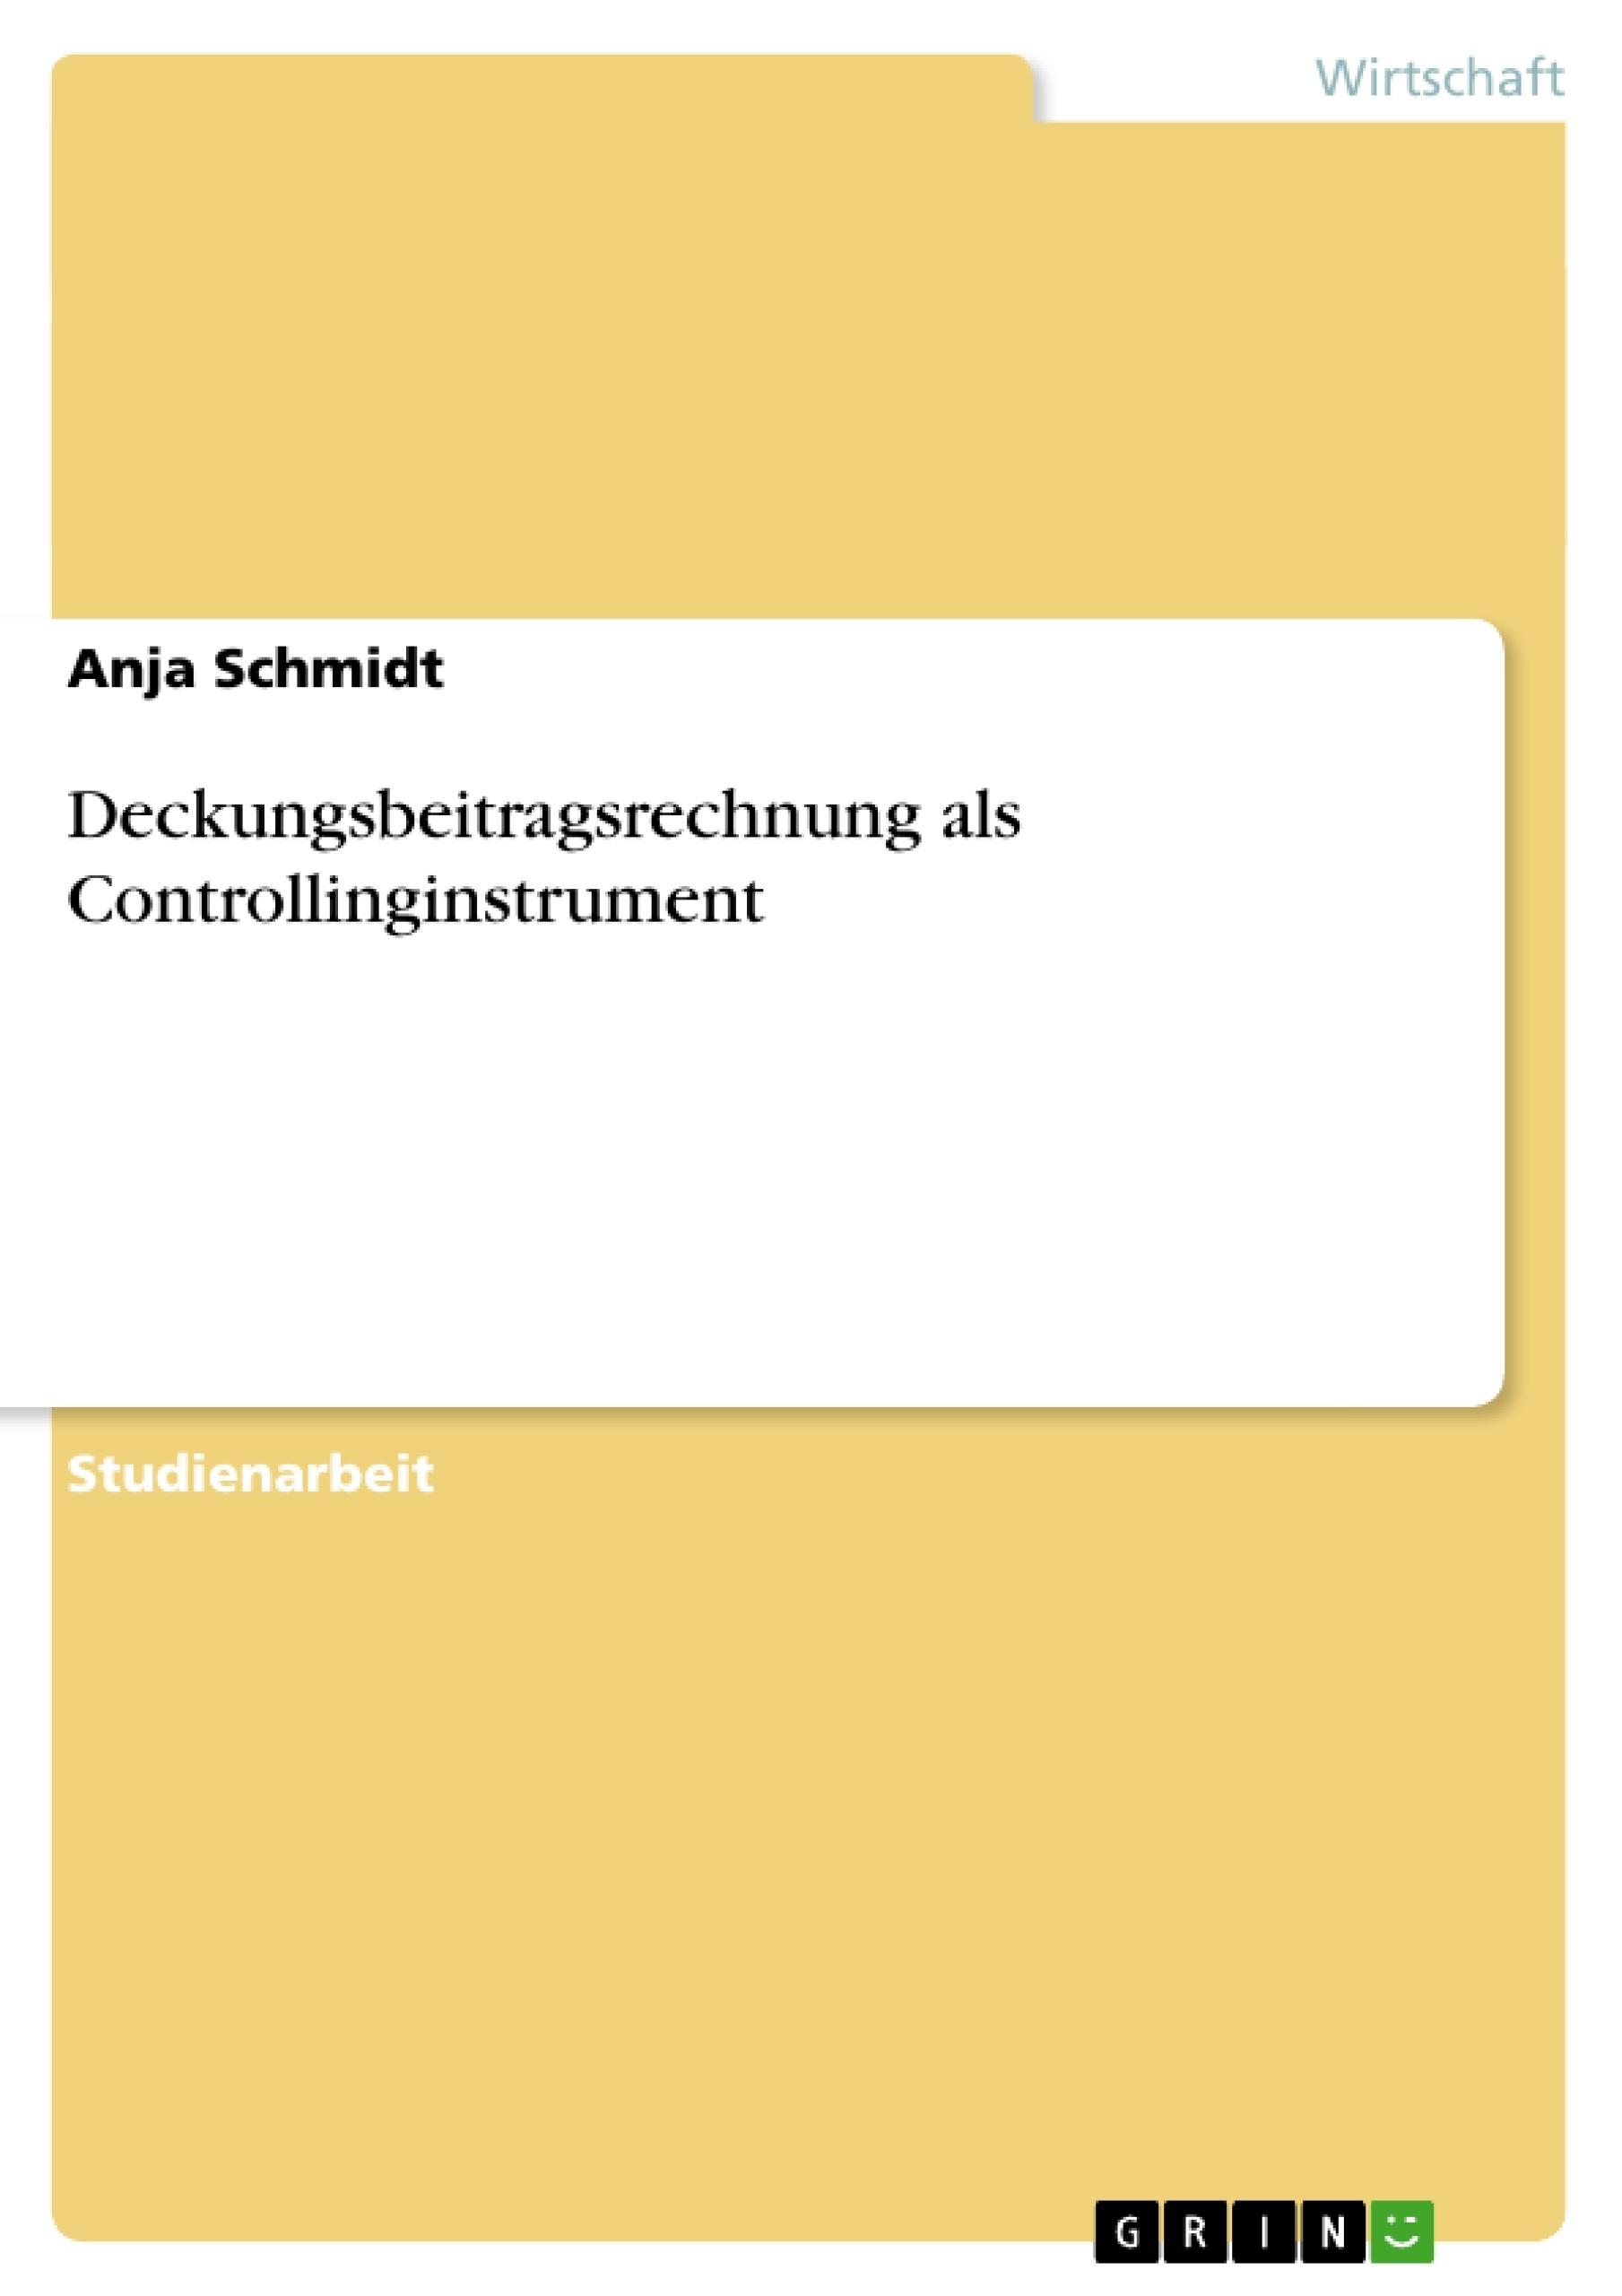 Titel: Deckungsbeitragsrechnung als Controllinginstrument